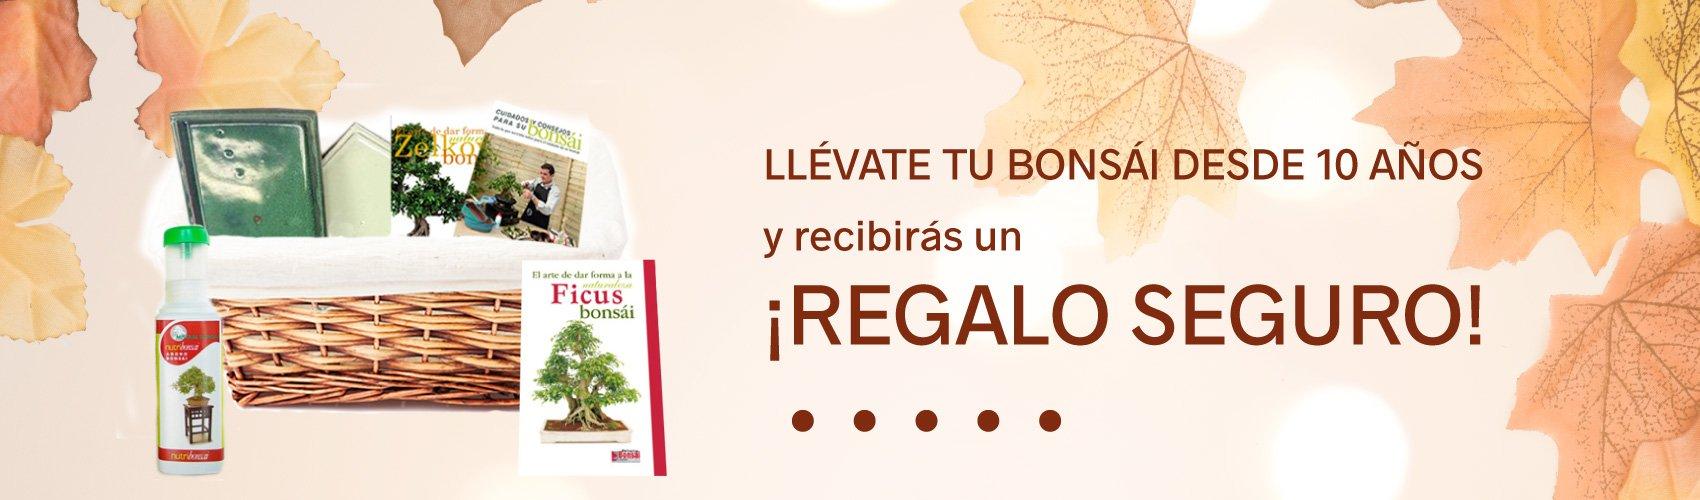 bonsai-promocion-otono-slider4